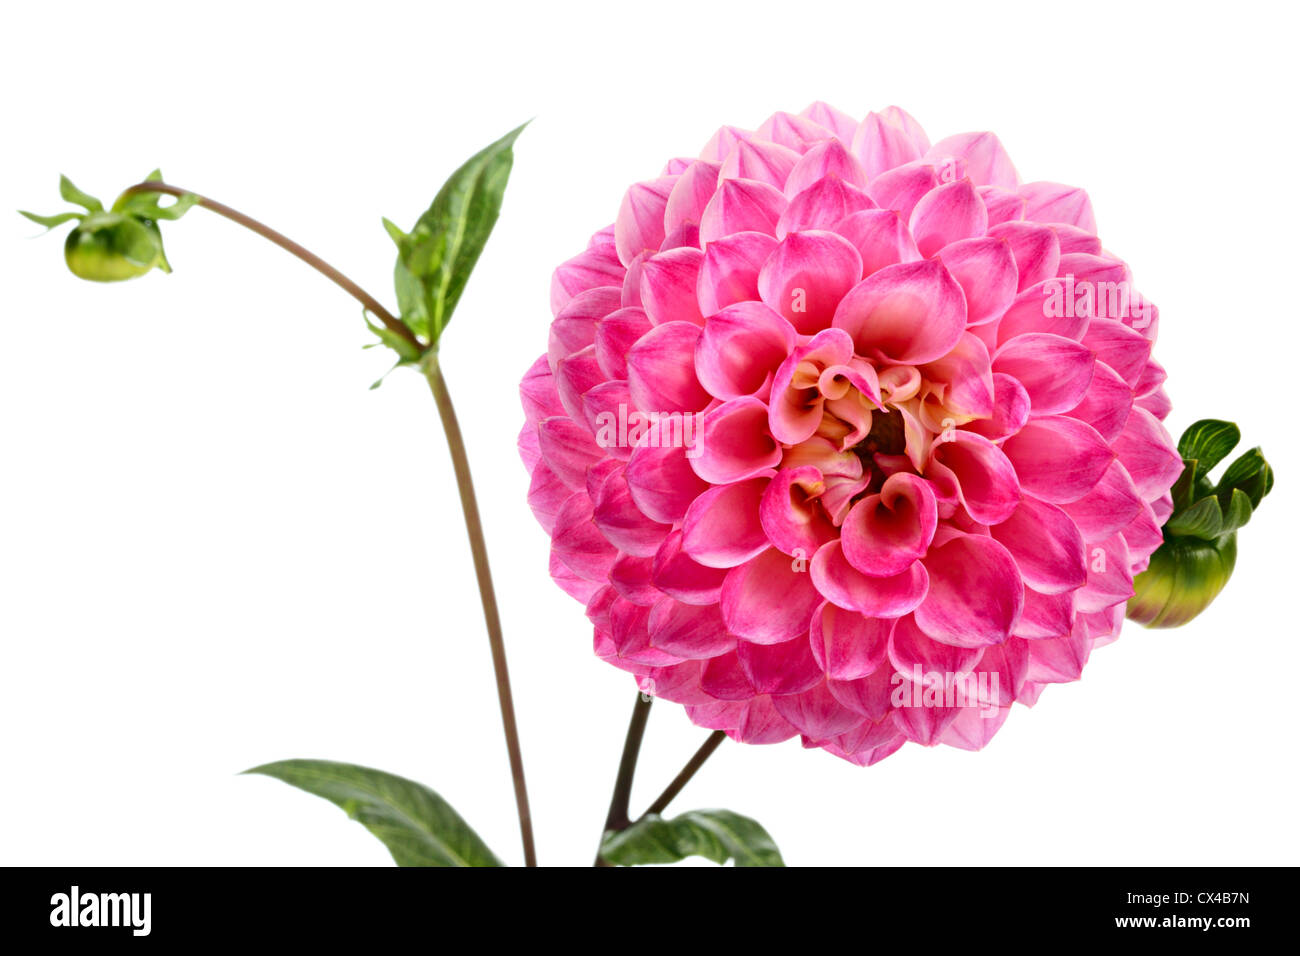 Dahlia Single Flower Isolated On White Background Stock Photo